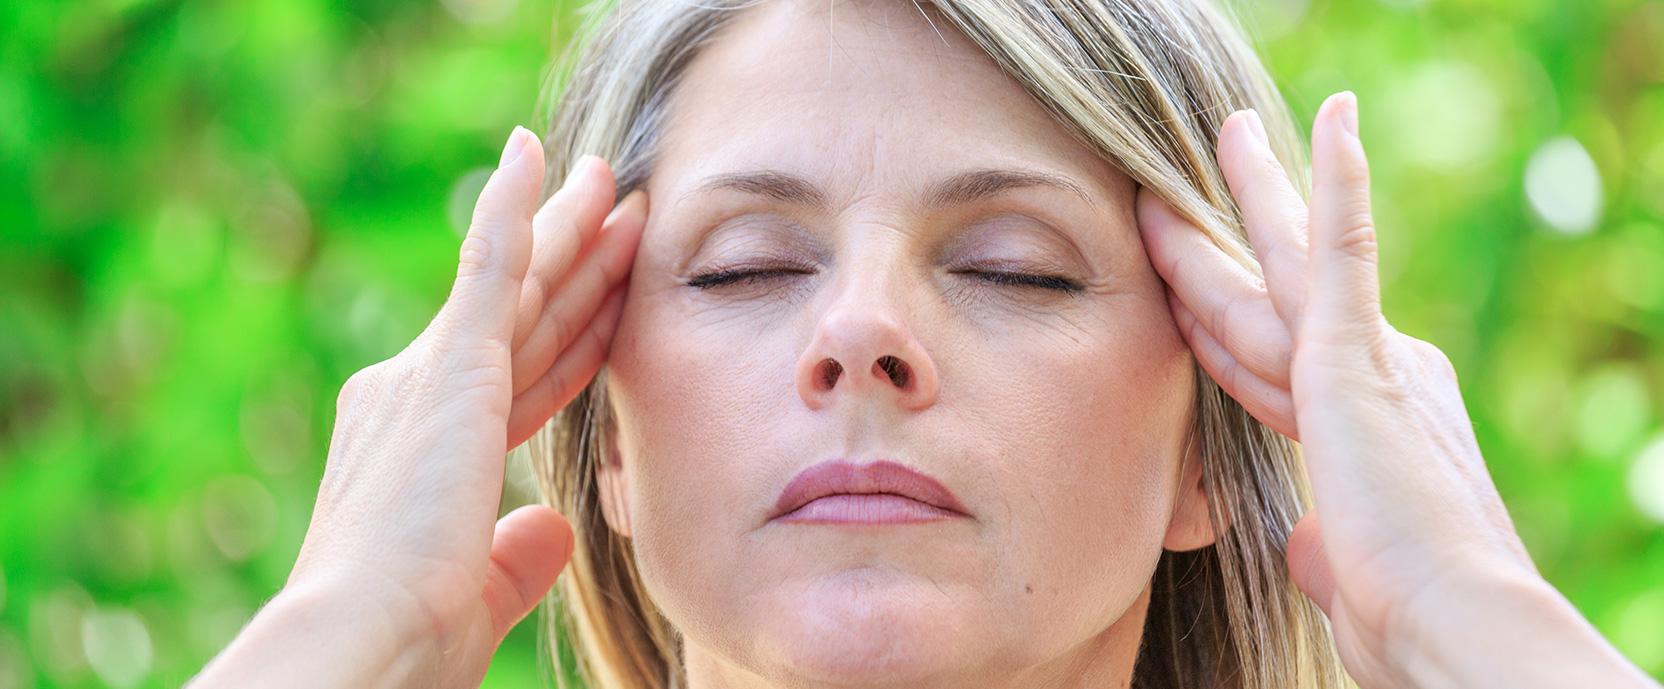 overgang en hoofdpijn